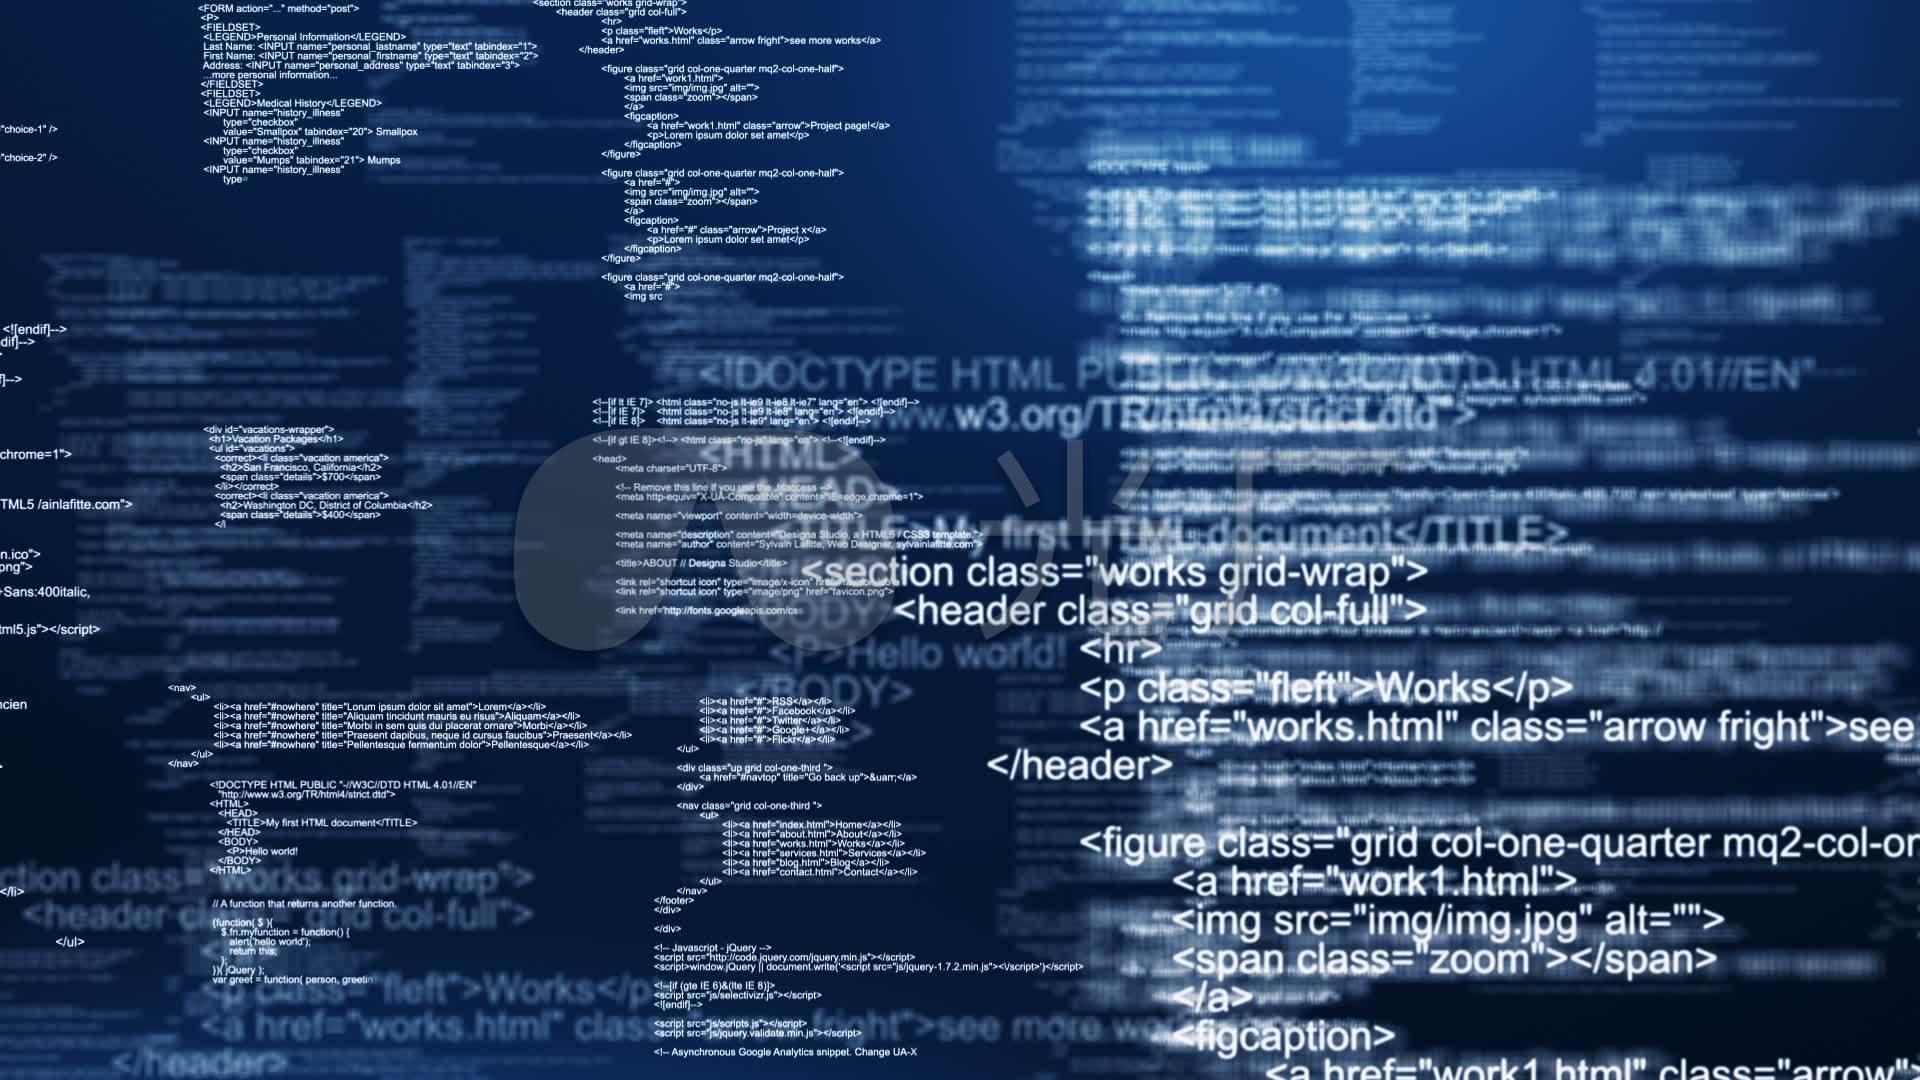 怎么下载国外最新视频网站源码(美女网站源码视频) (https://www.oilcn.net.cn/) 综合教程 第4张